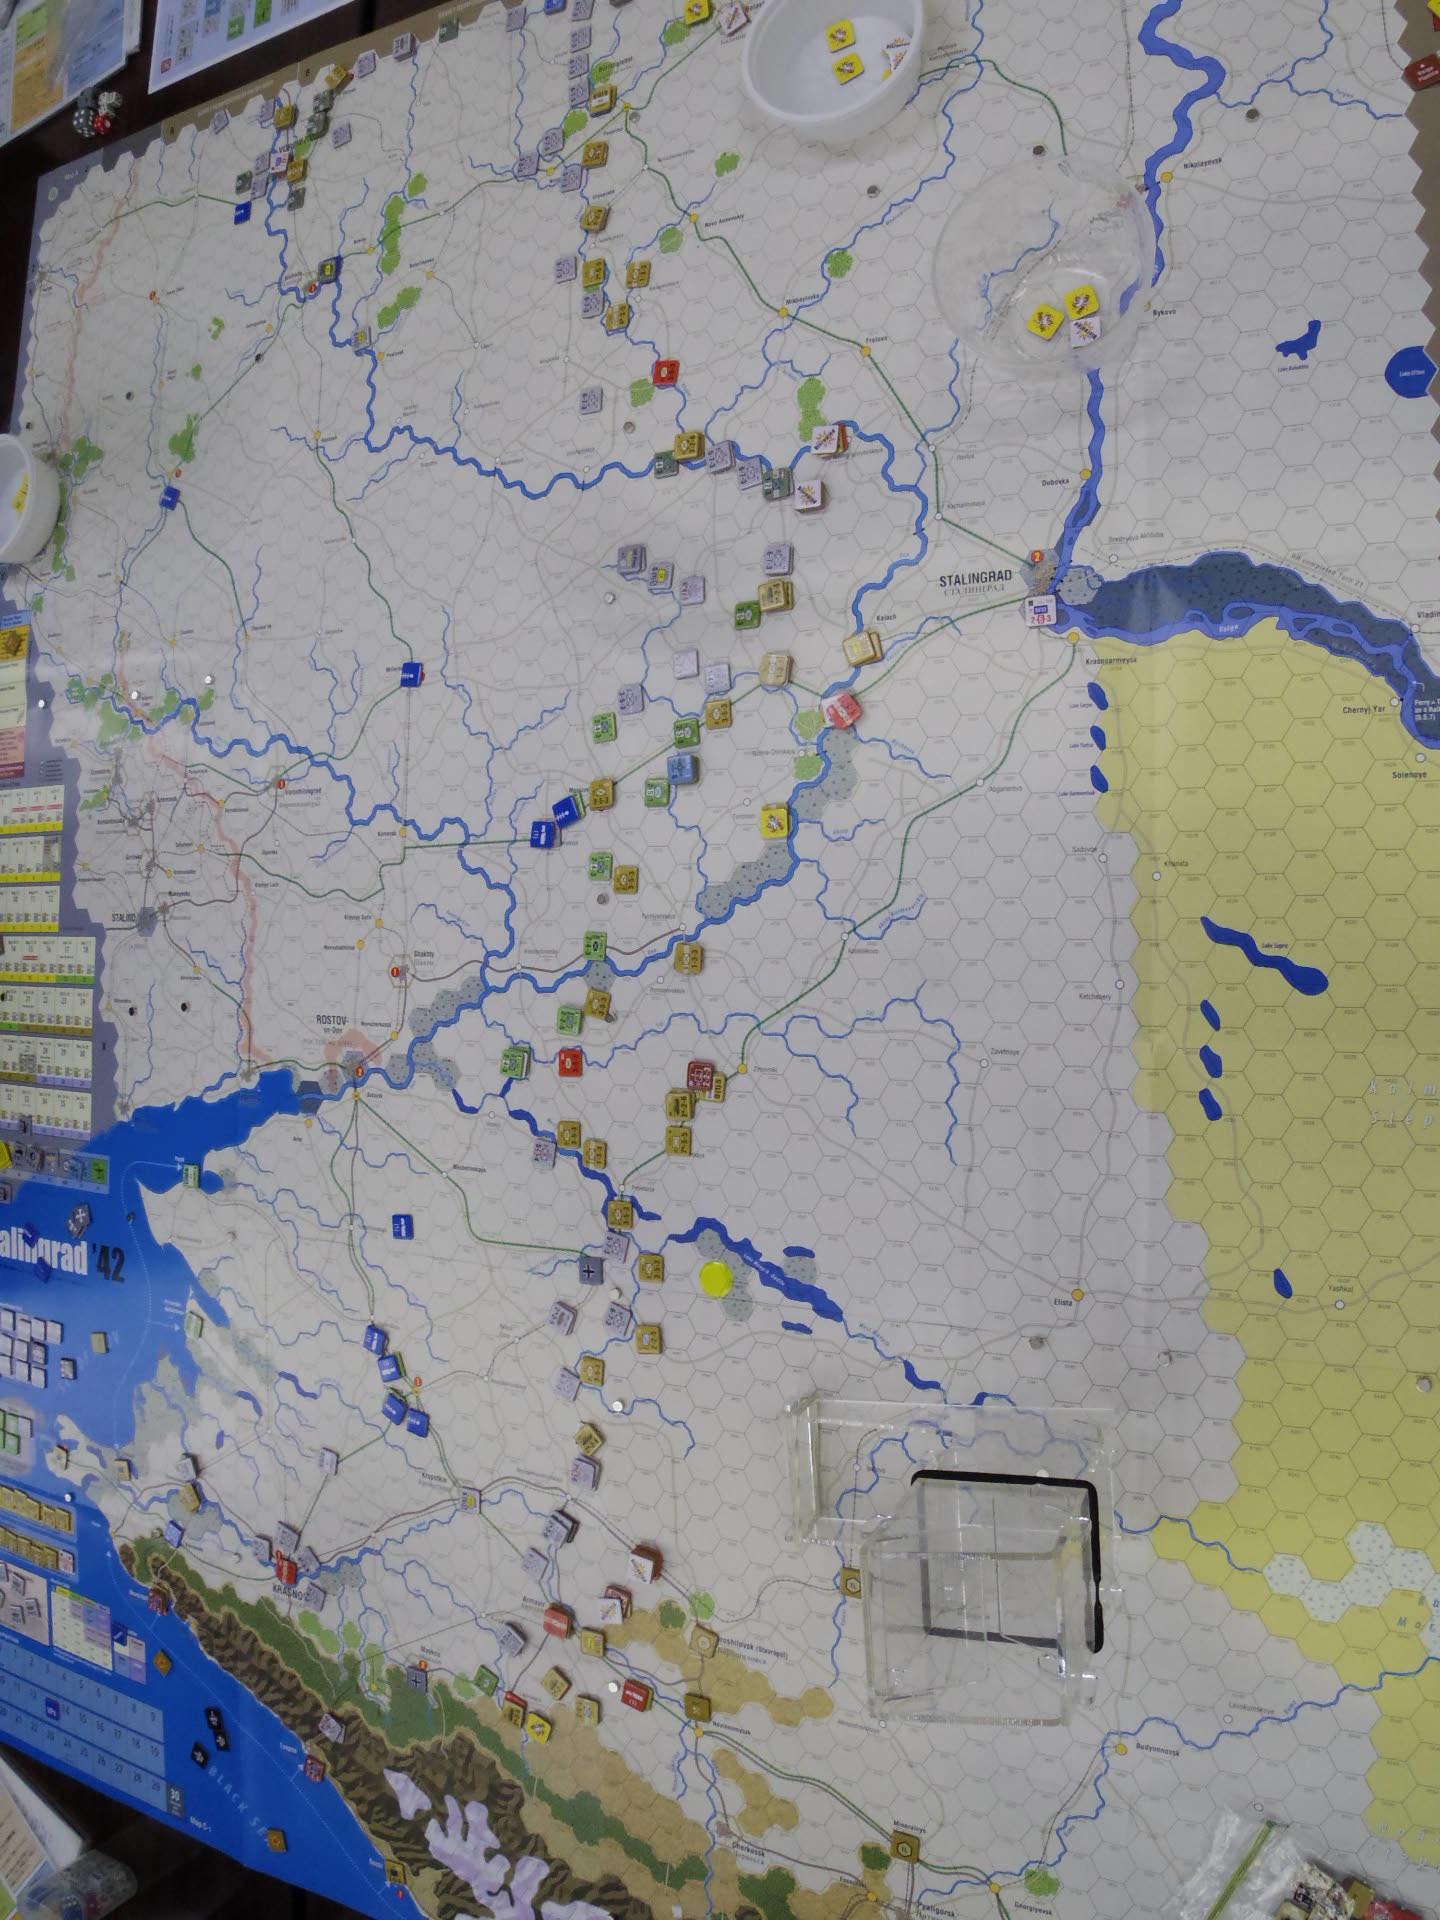 2020.01.12(日)YSGA新春初例会⑶二日目...(GMT)Stalingrad\'42キャンペーン第1班の➋_b0173672_19490531.jpg